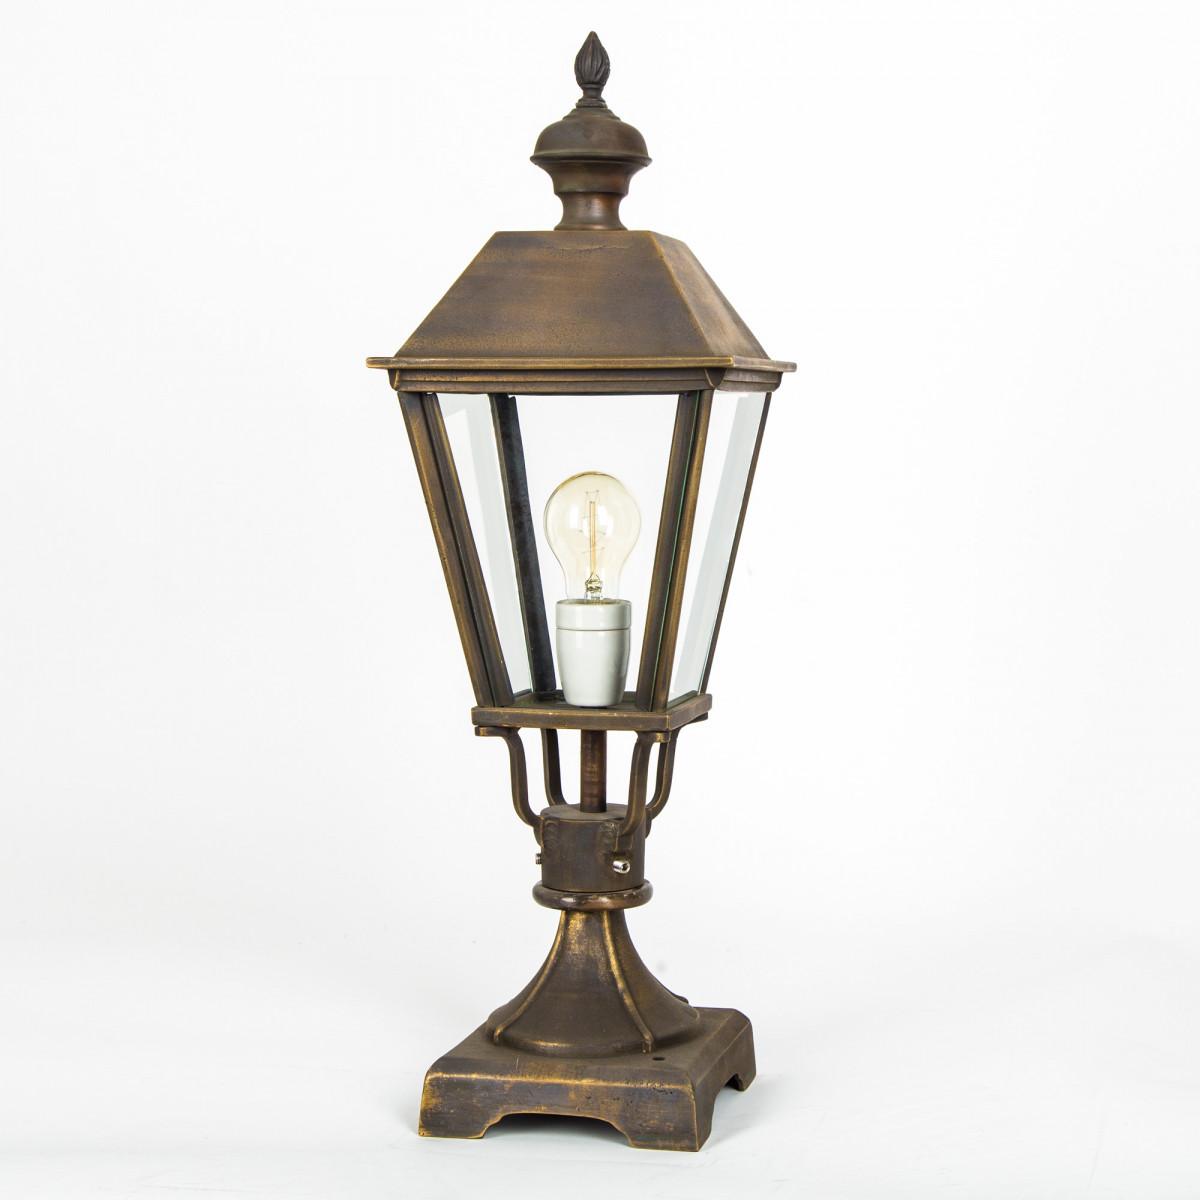 tuinlamp brons strak klassieke buitenlamp, sokkel, lantaarn, Halle S, bronzen strak klassieke buitenverlichting, onderhoudsvrije buitenverlichting, bronzen vierkante lamp voor poer of zuil van KS Verlichting